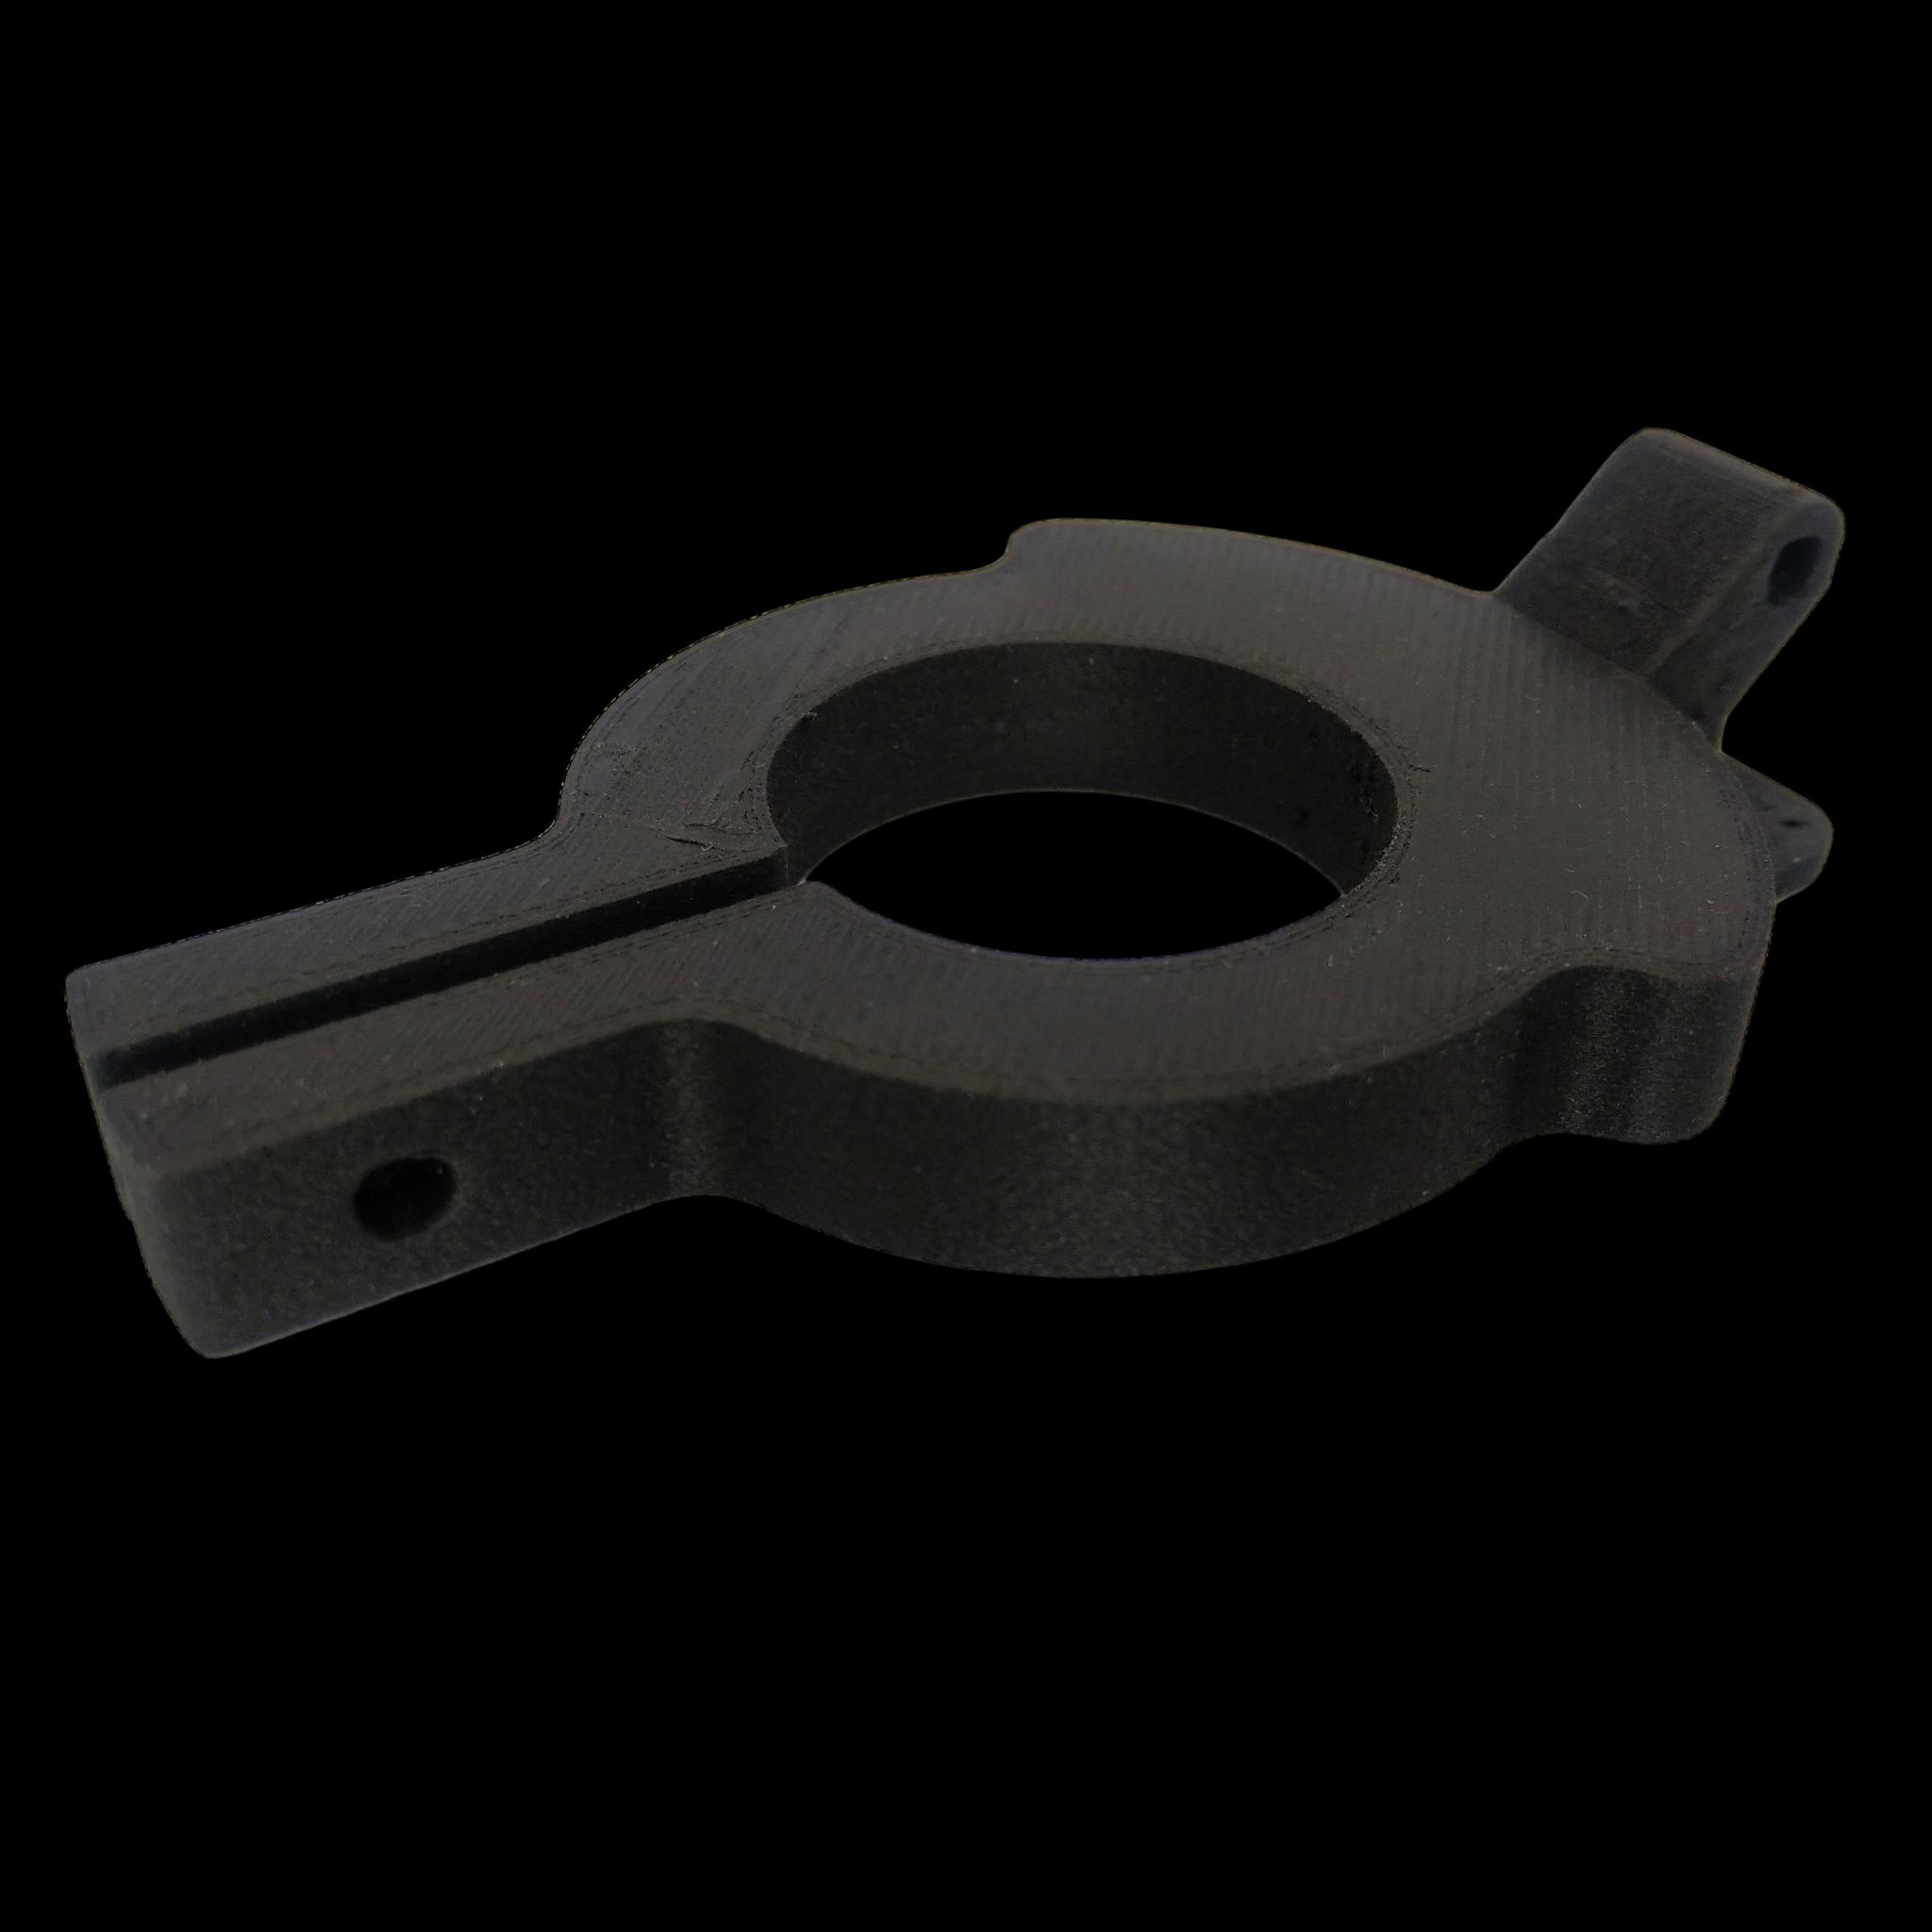 PA12CF15 holder - wydruk z drukarki 3D